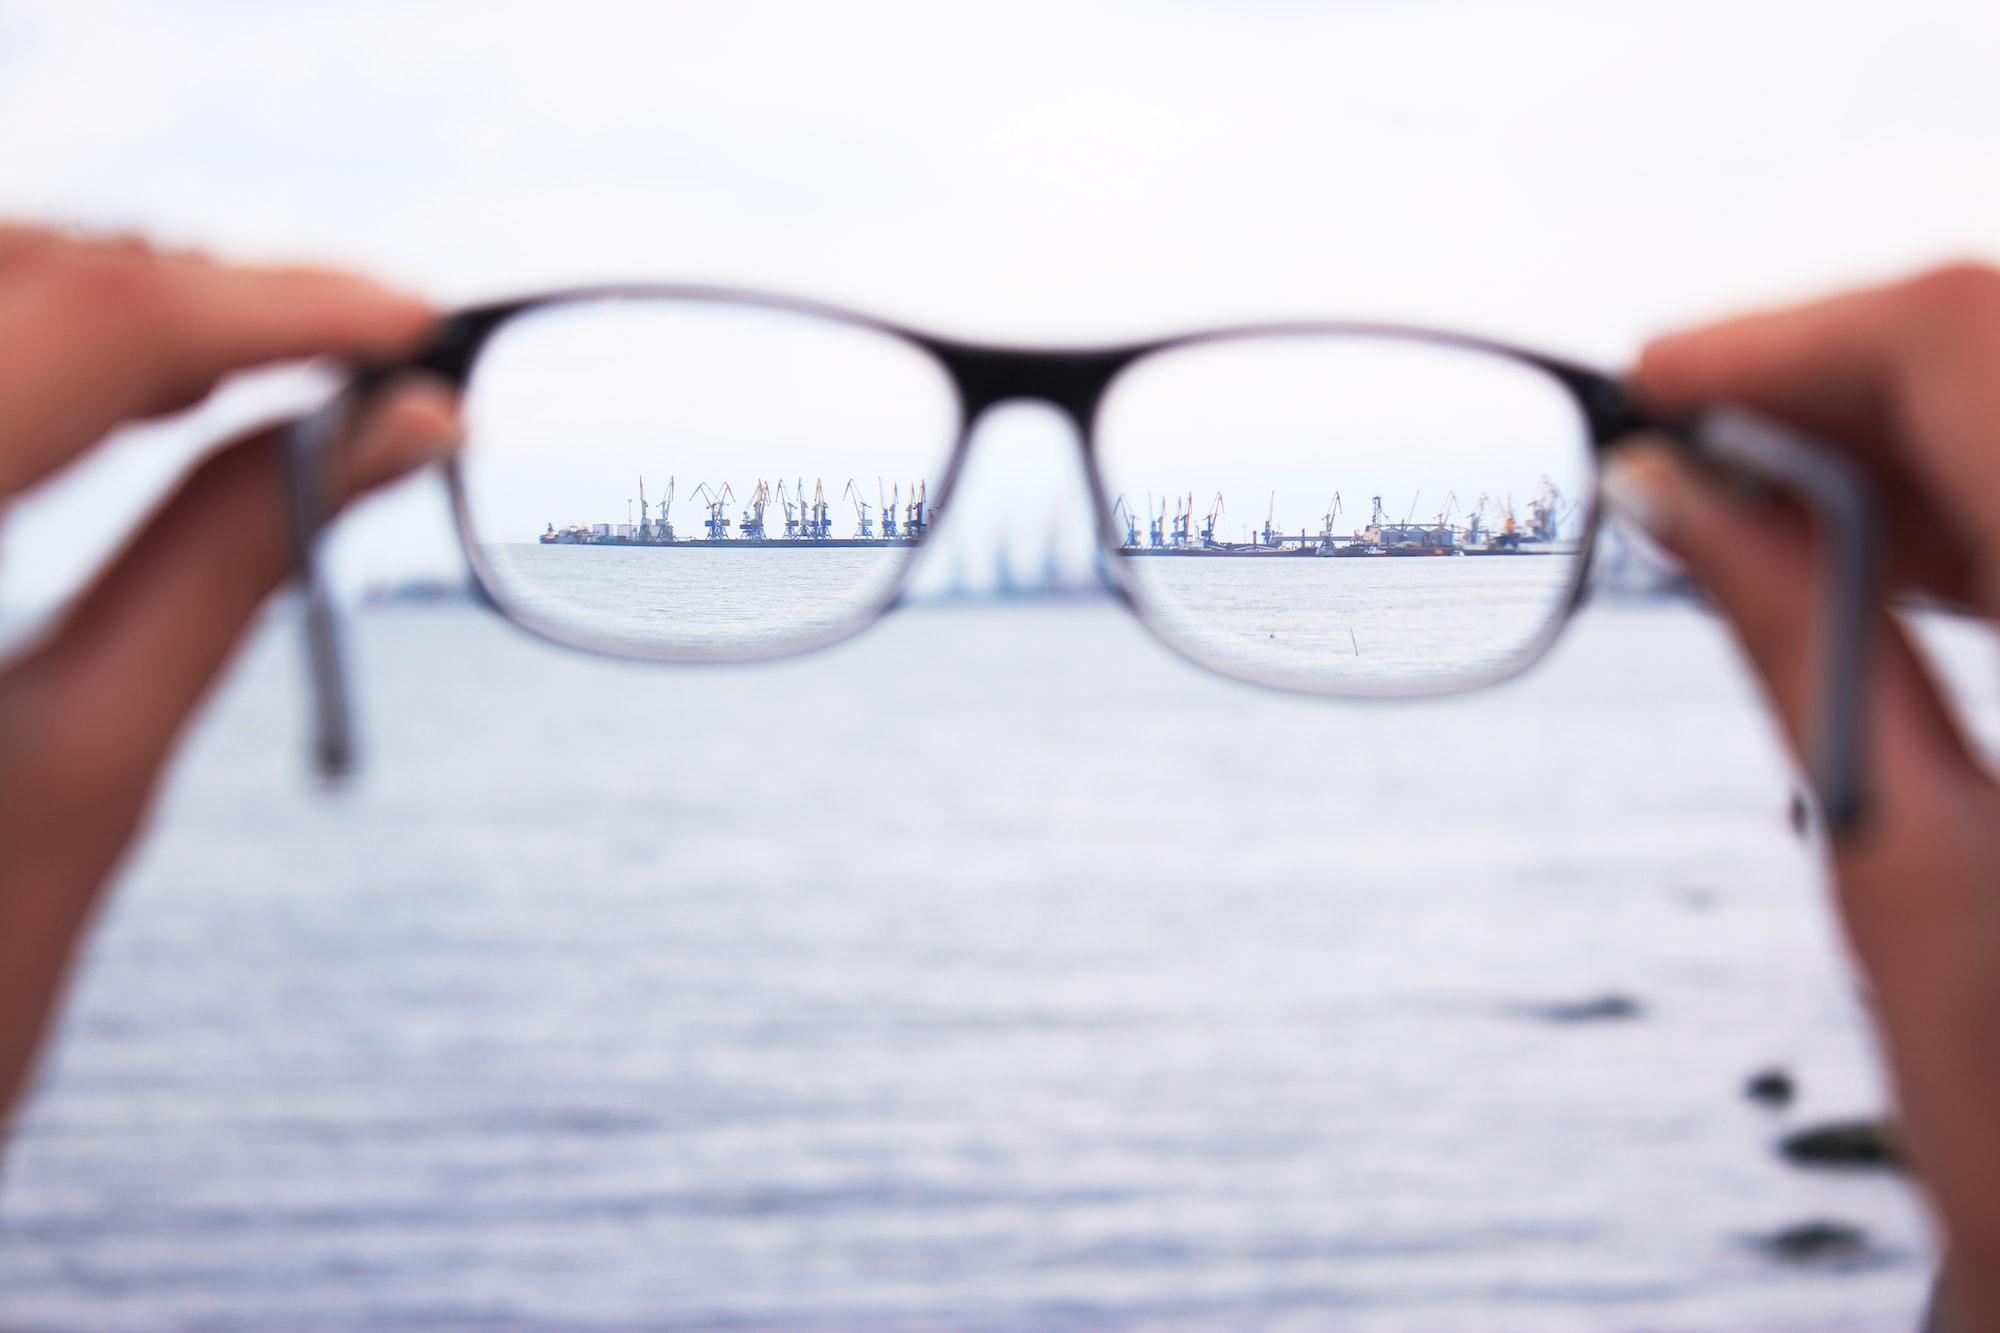 Autofocus - Tìm hiểu về tự động lấy nét